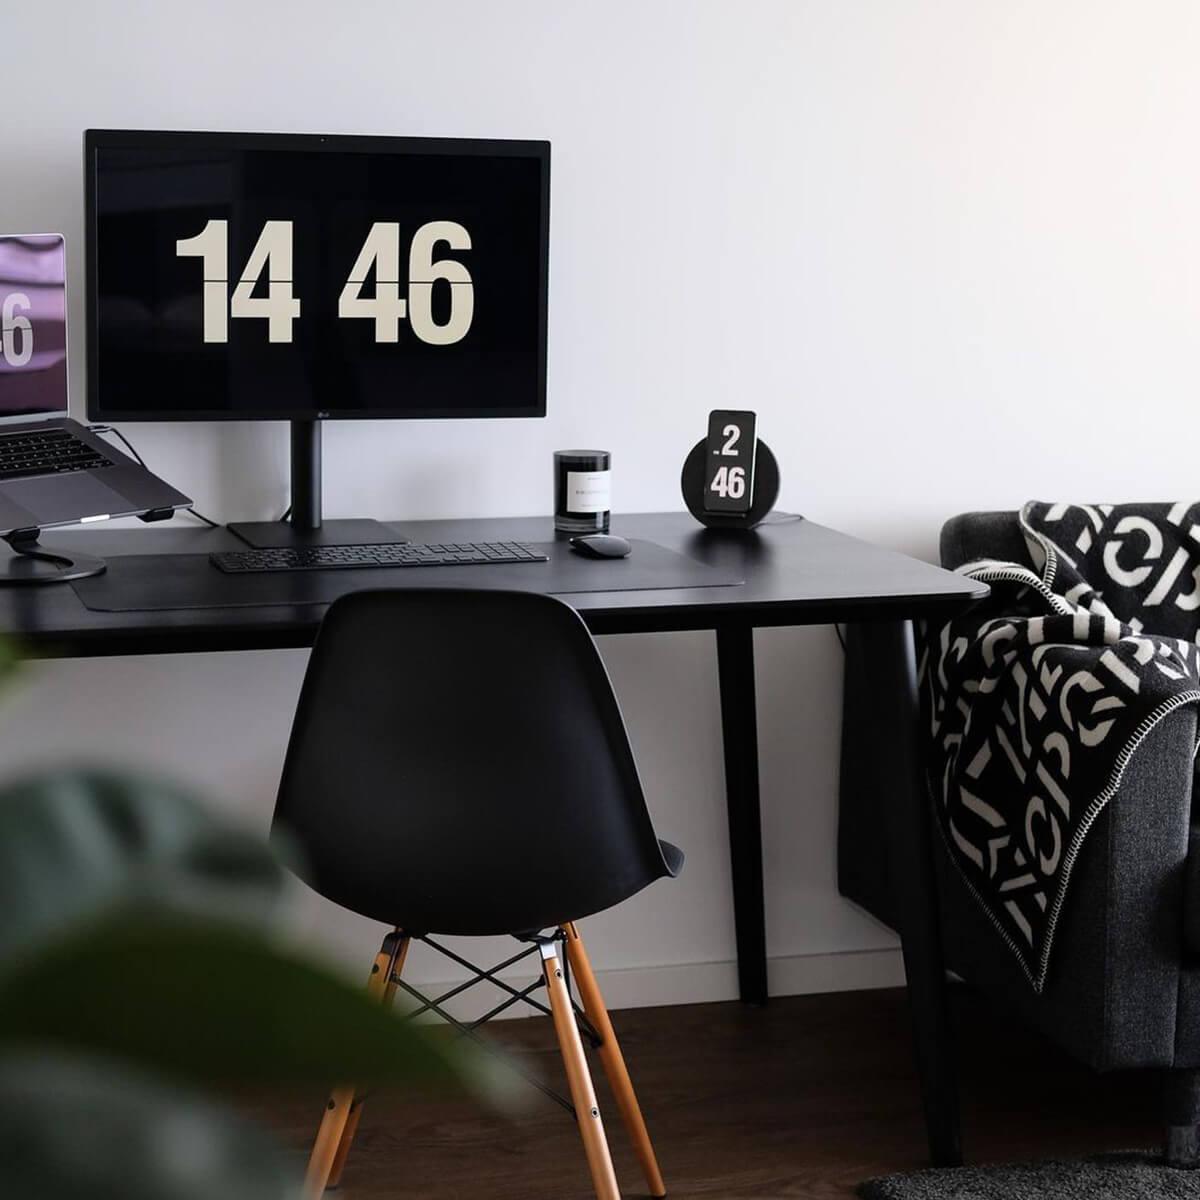 Clock Screensaver for Desk Setup